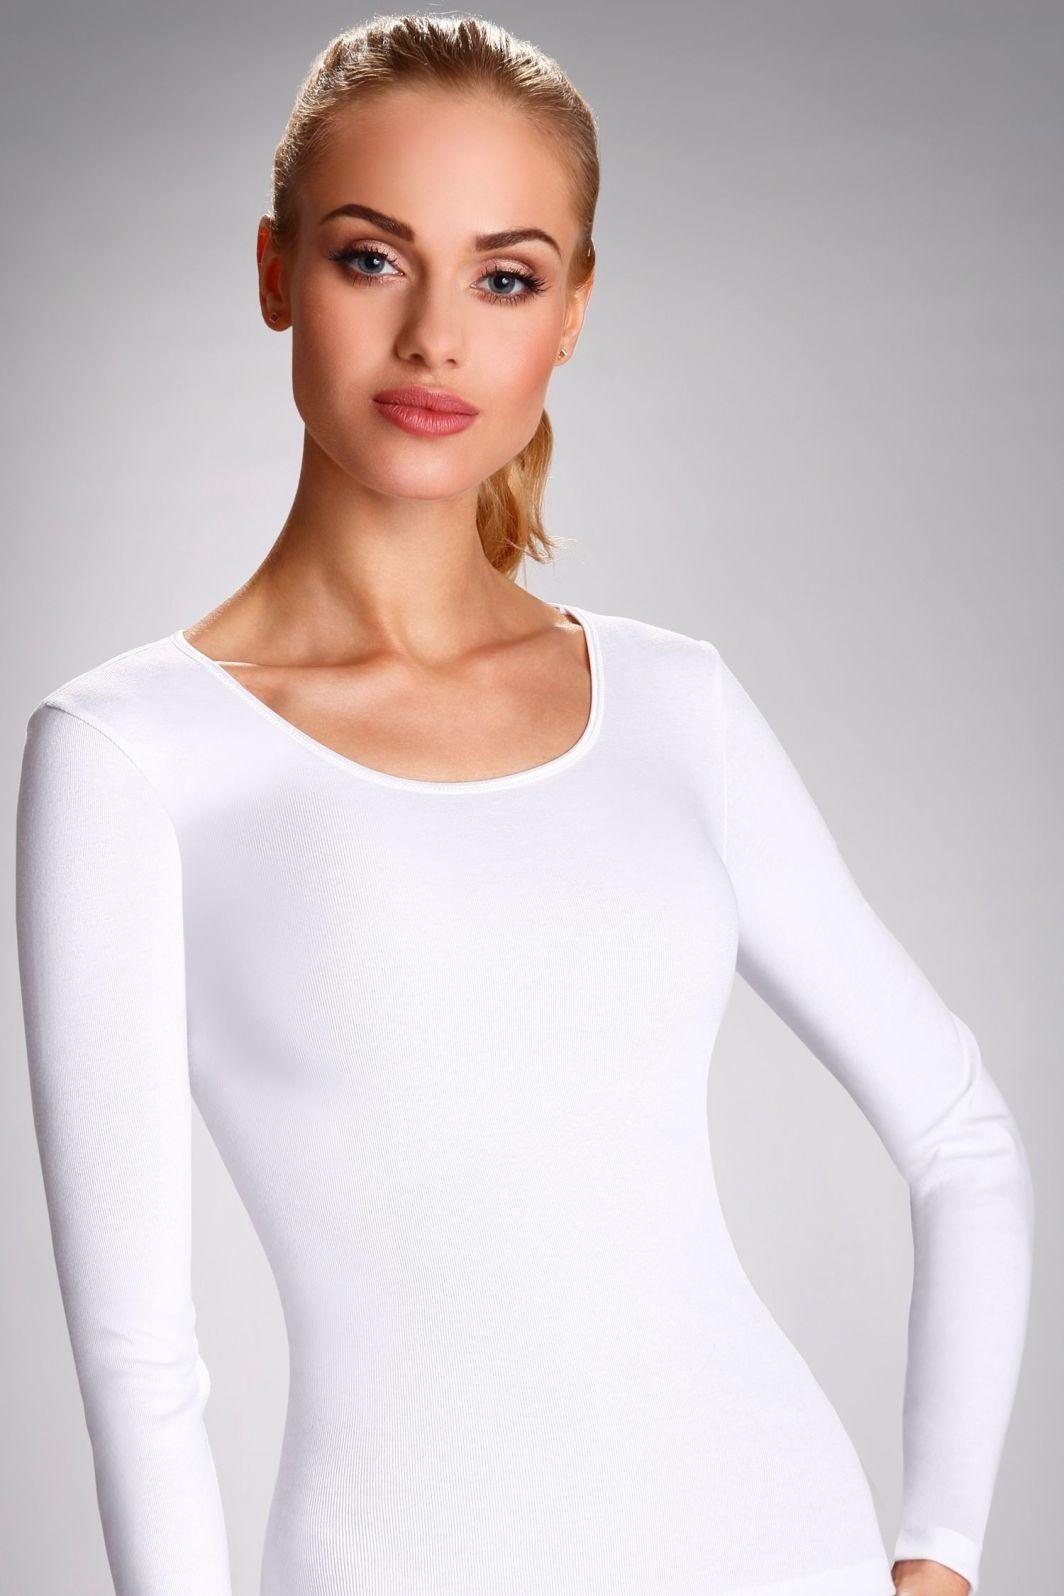 Eldar Koszulka irene biała r. XL 1